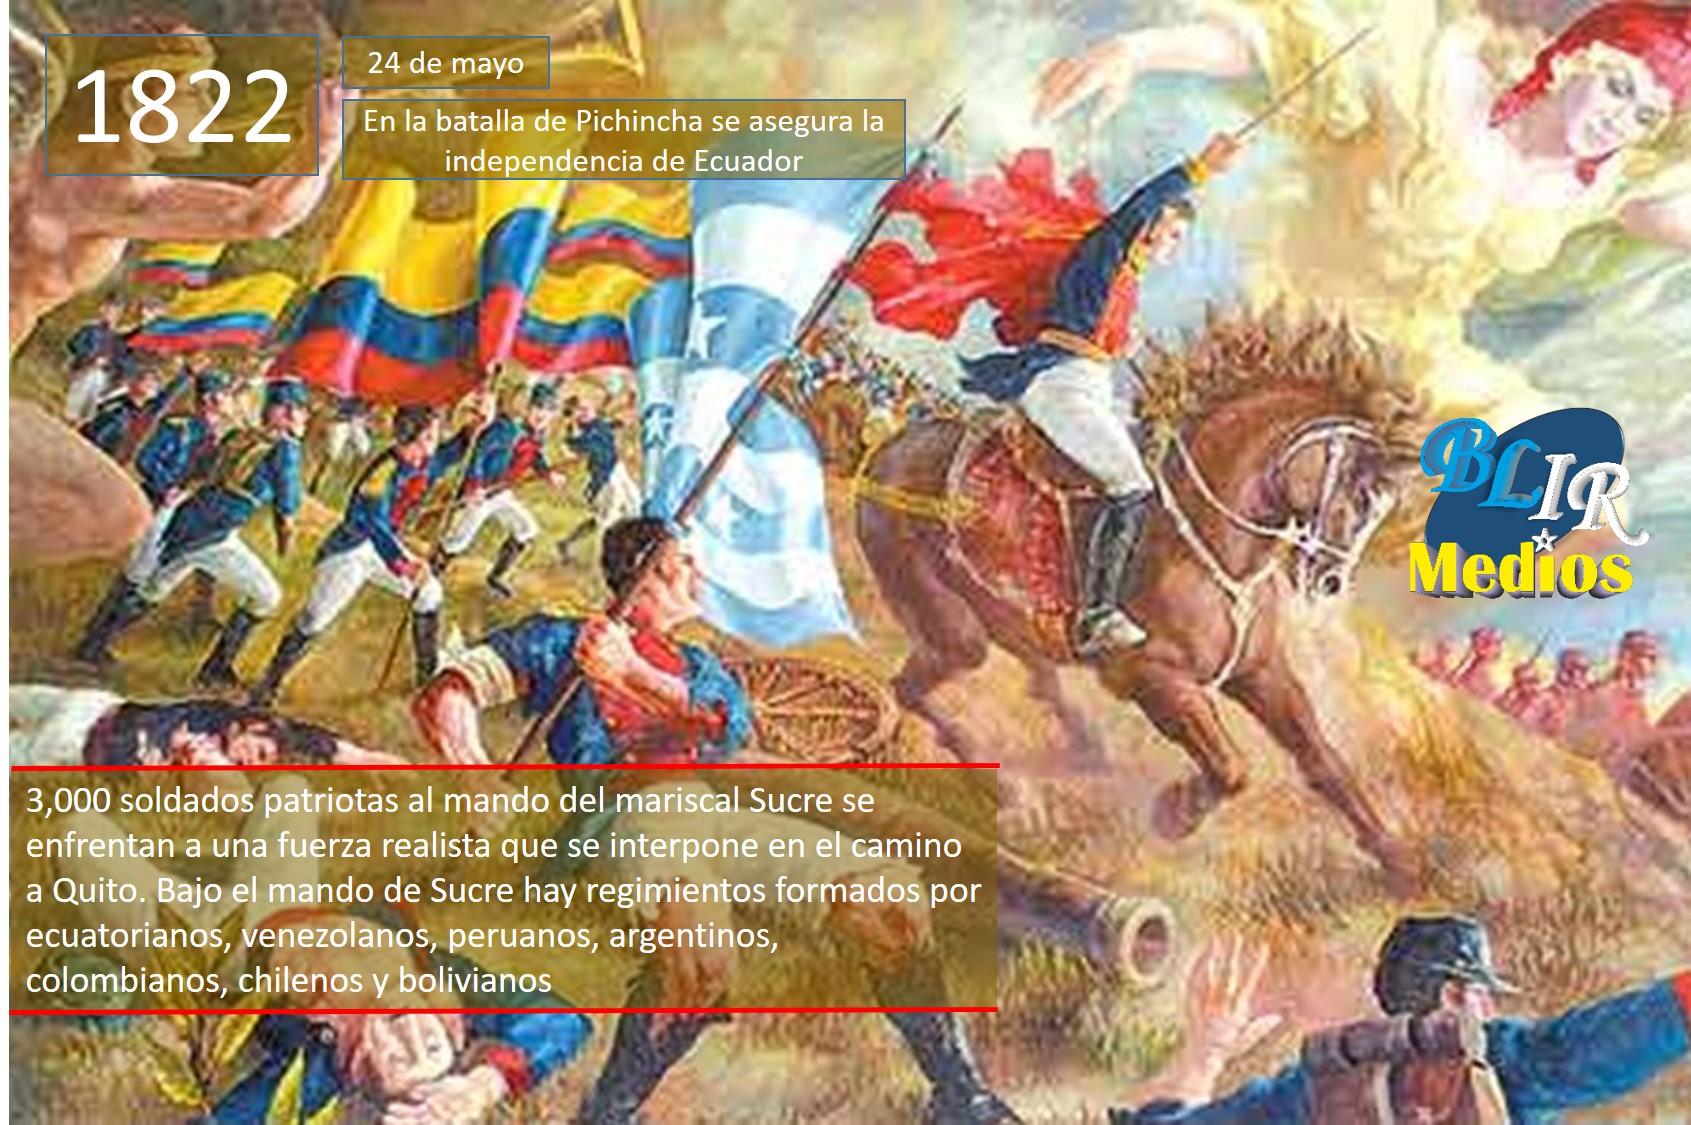 Un Día Como Hoy 24 De Mayo 1822 En La Batalla De Pichincha Se Asegura La Independencia De Ecuador Blirmedios